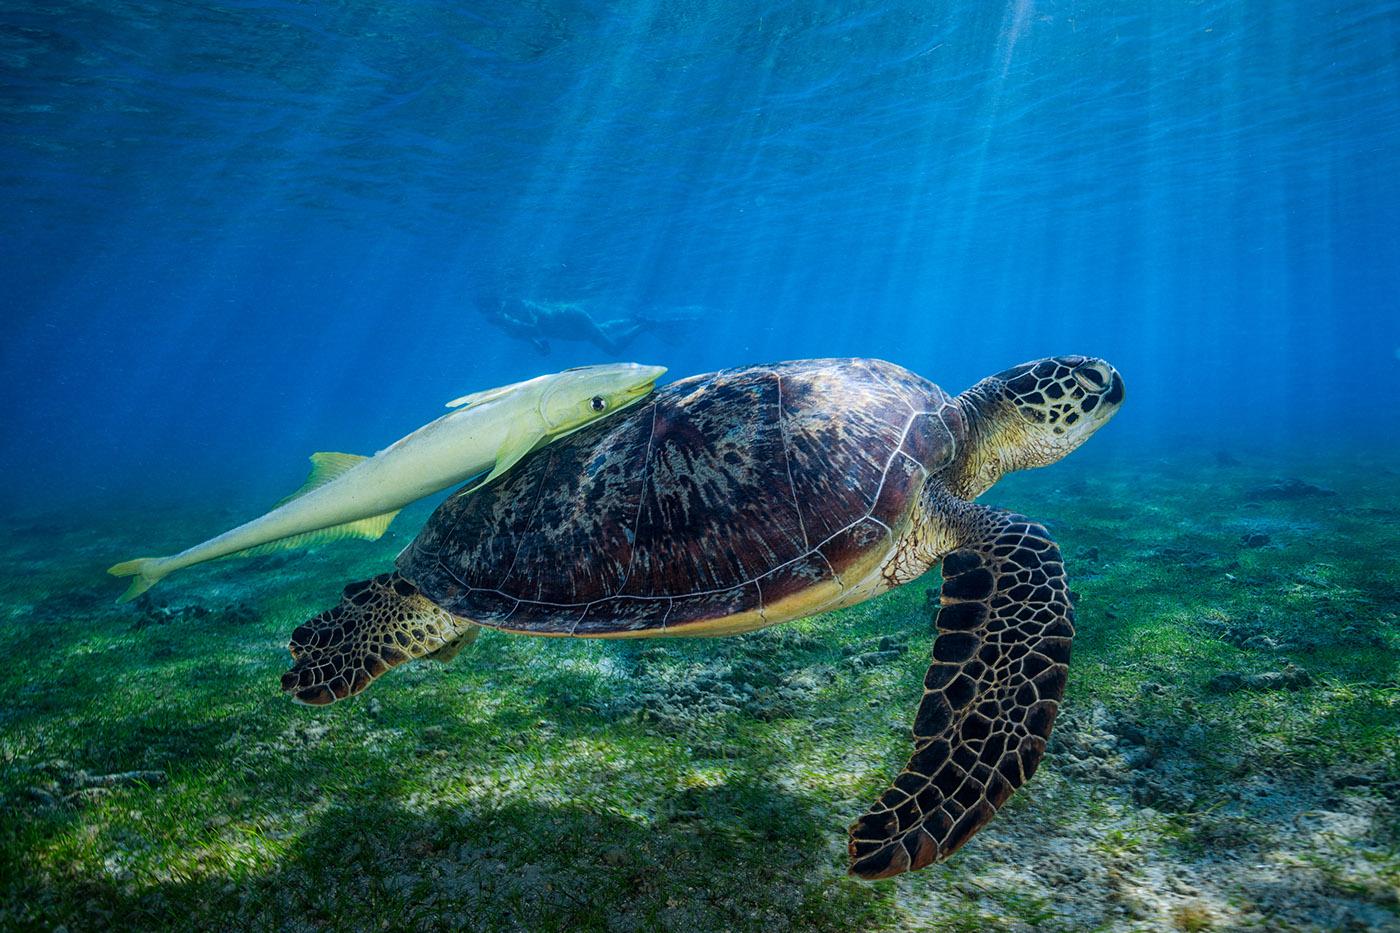 sea turtle on behance